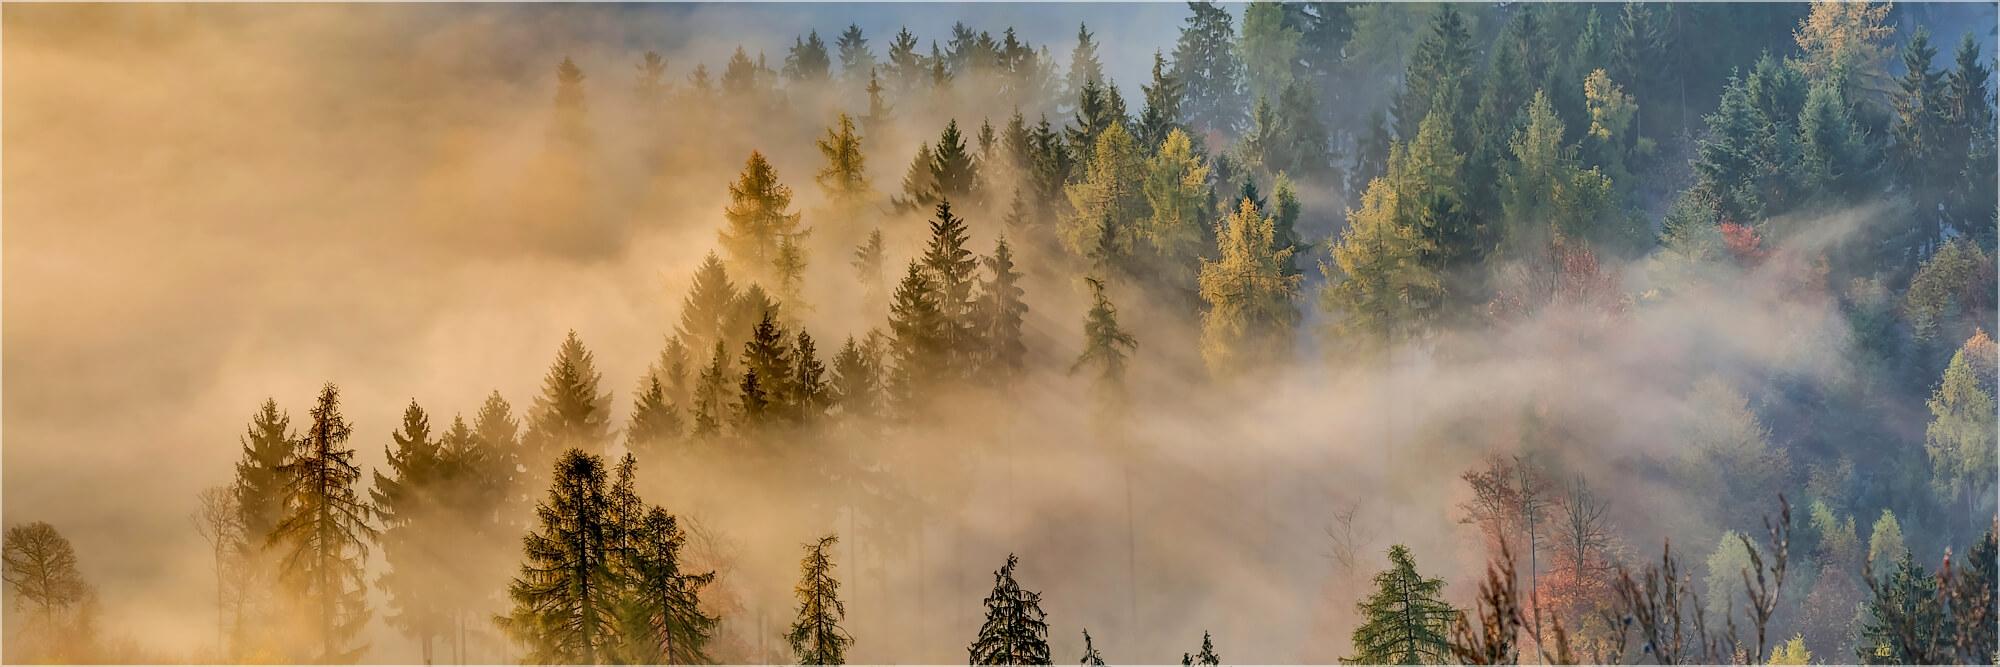 Panoramafoto Nebelwald bei Notweiler in der Pfalz